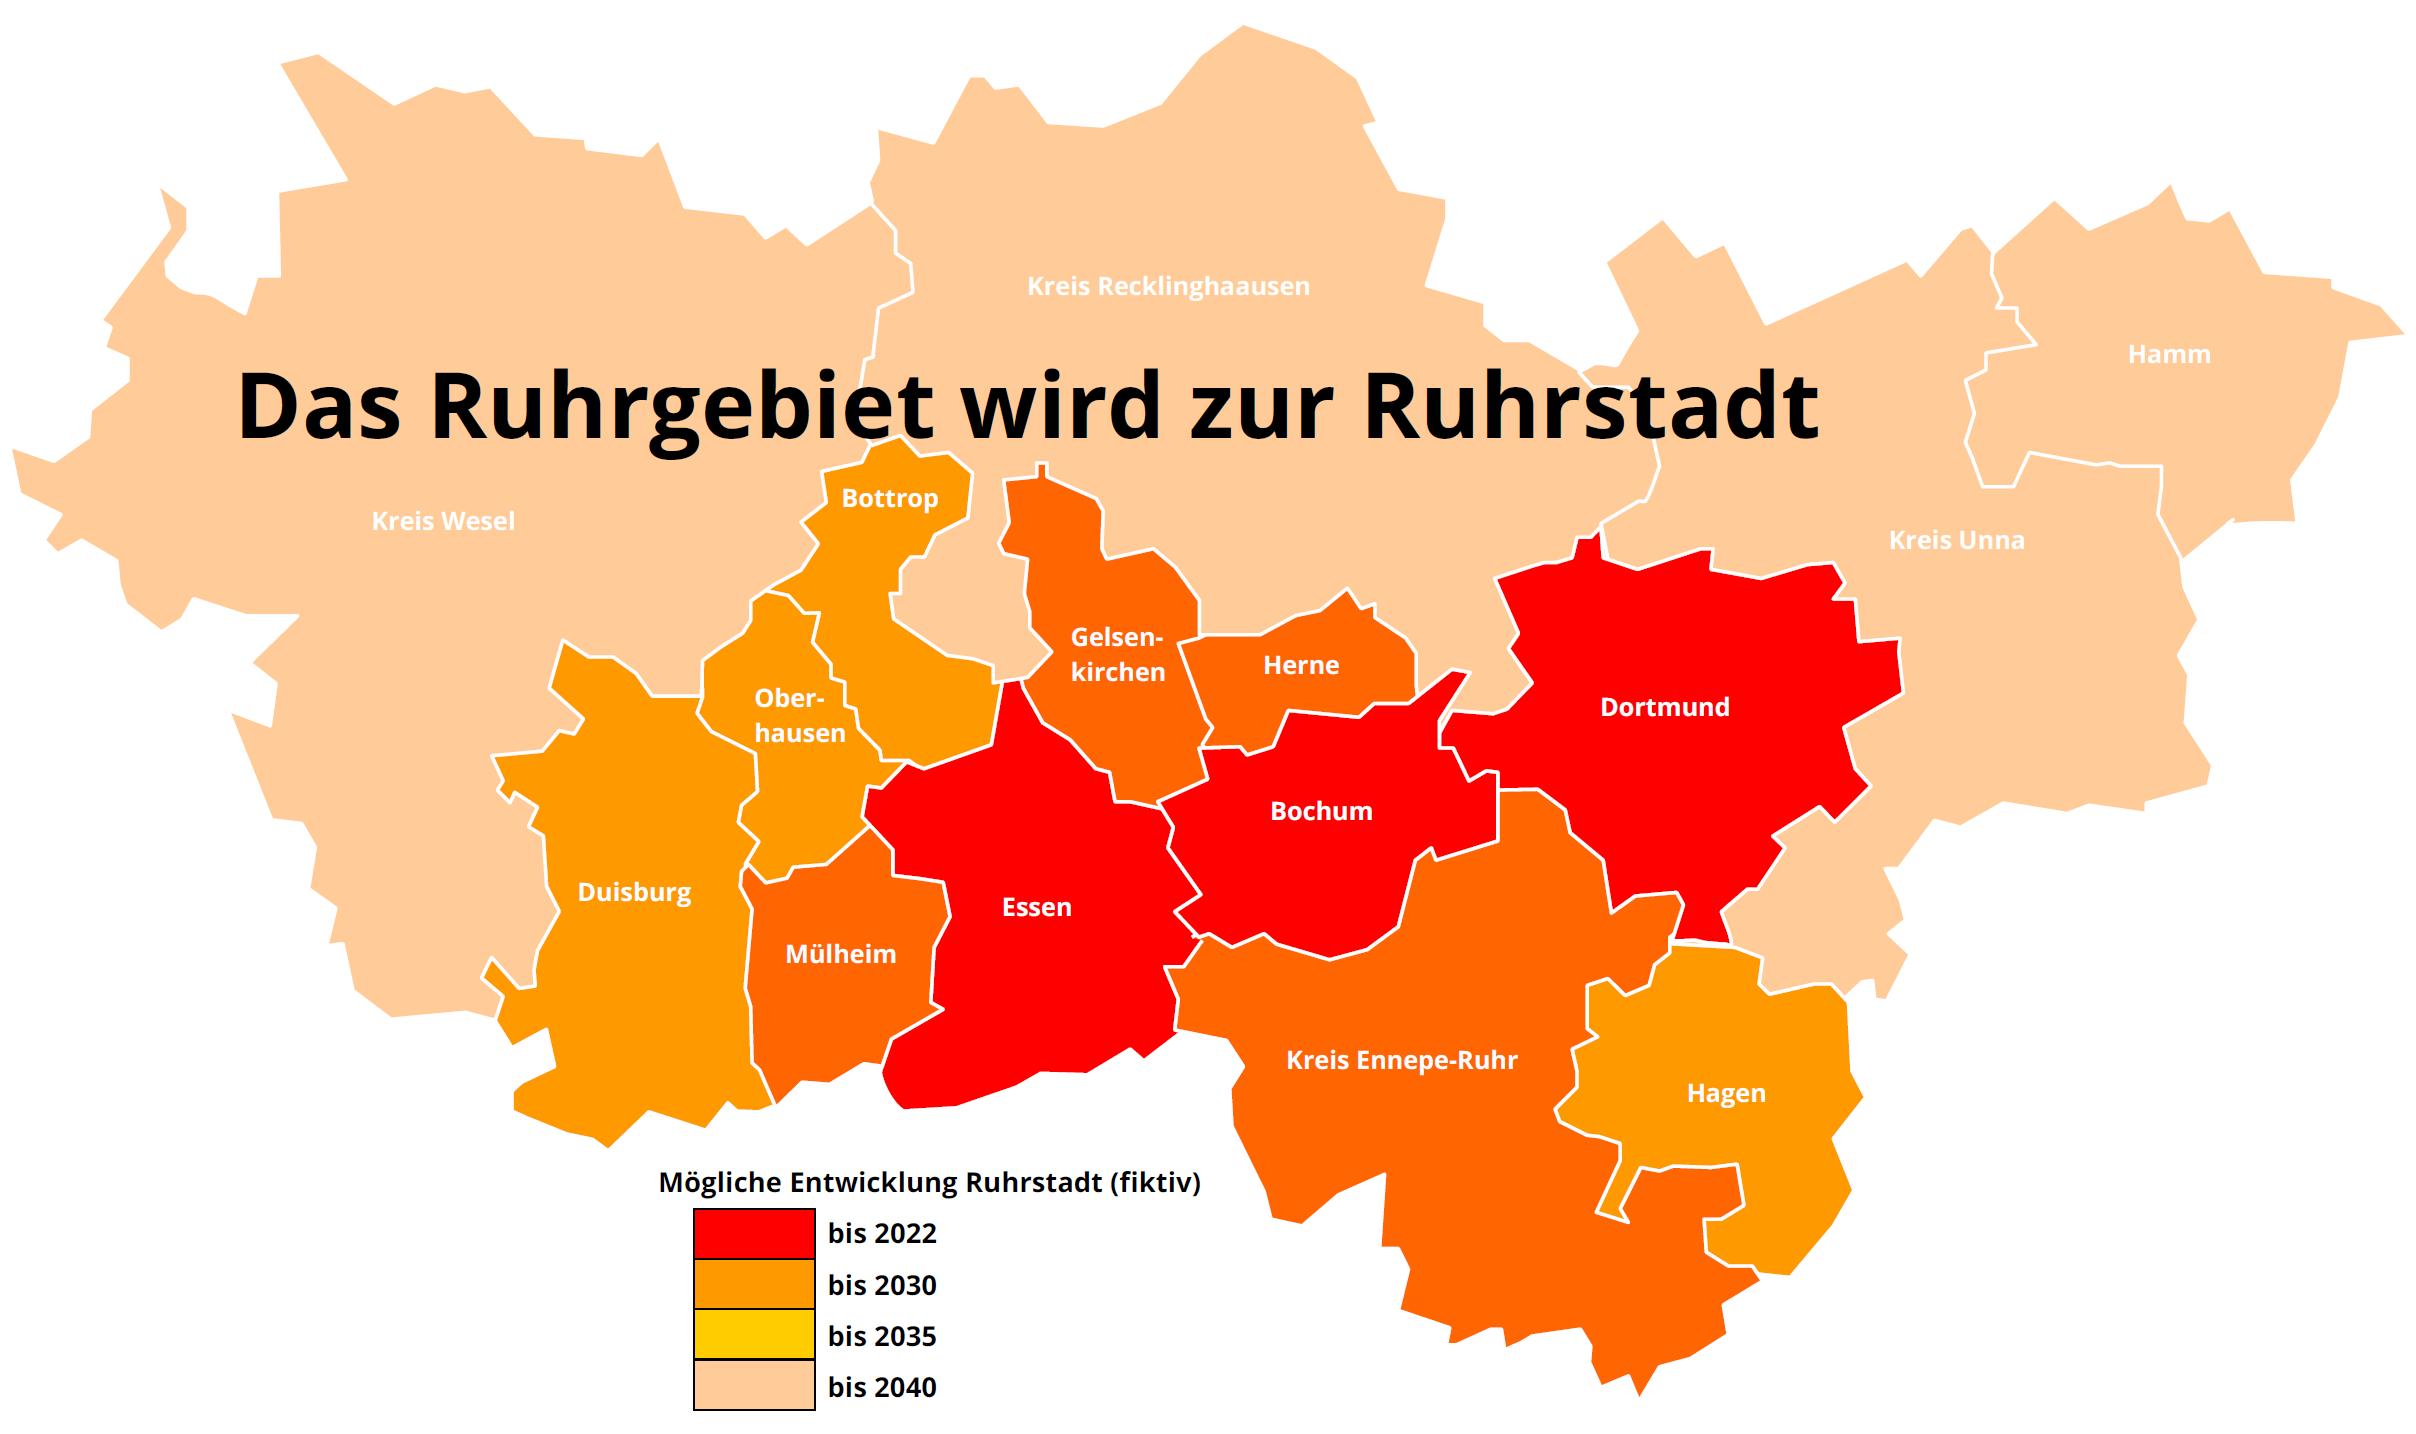 Vom Ruhrgebiet zur Ruhrstadt – eine neuer Lösungsvorschlag – Die STADTGESTALTER